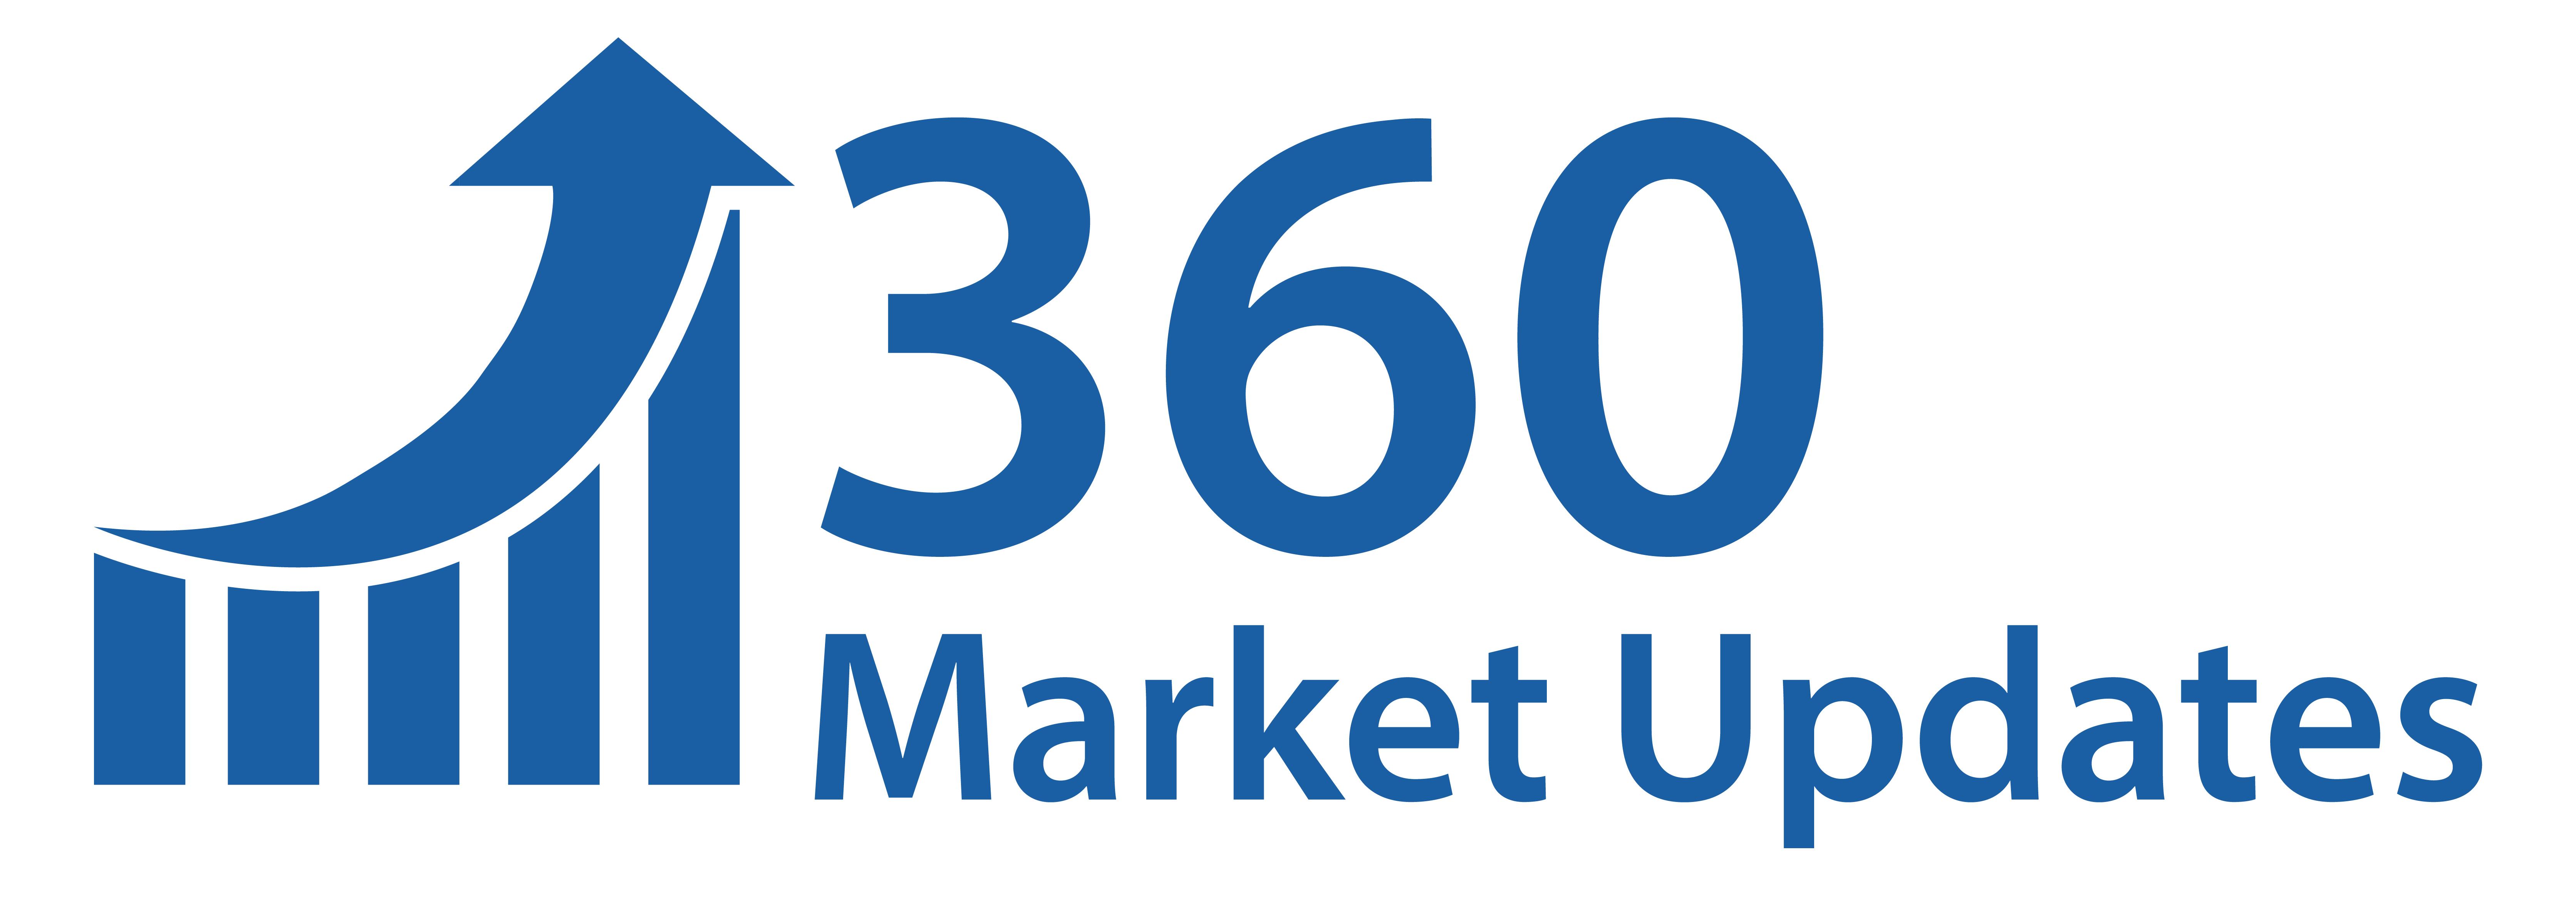 PD-1 und PD-L1 Inhibitoren Marktherausforderungen für die neuen Marktteilnehmer in den Bereichen Pharma, Biotechnologie & Biowissenschaften,Pharmabranche 2020-2023